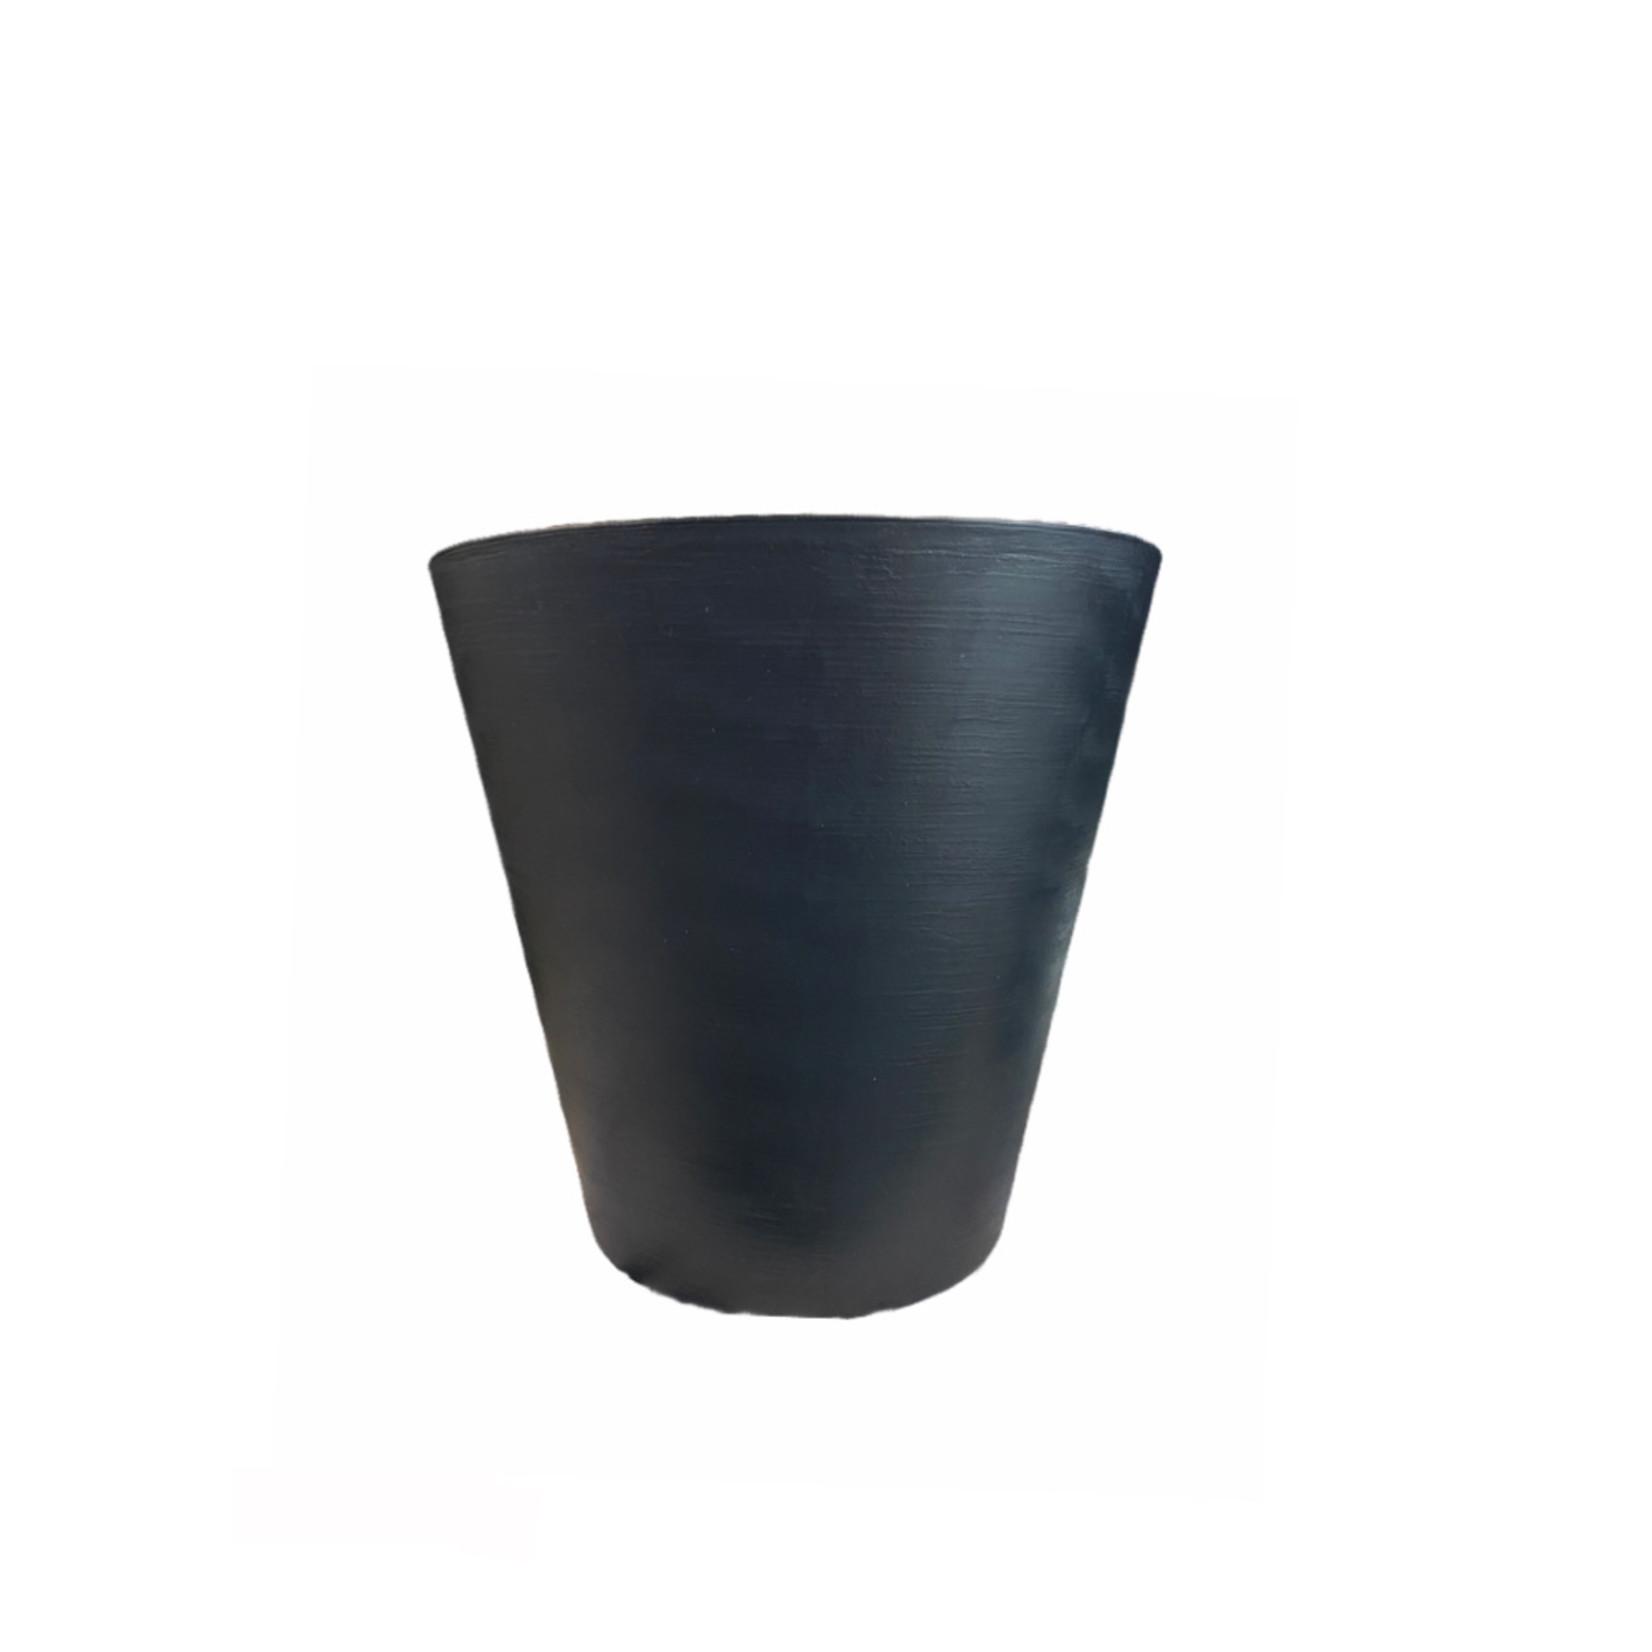 Teraplast Repot Hoop Noir 30cm